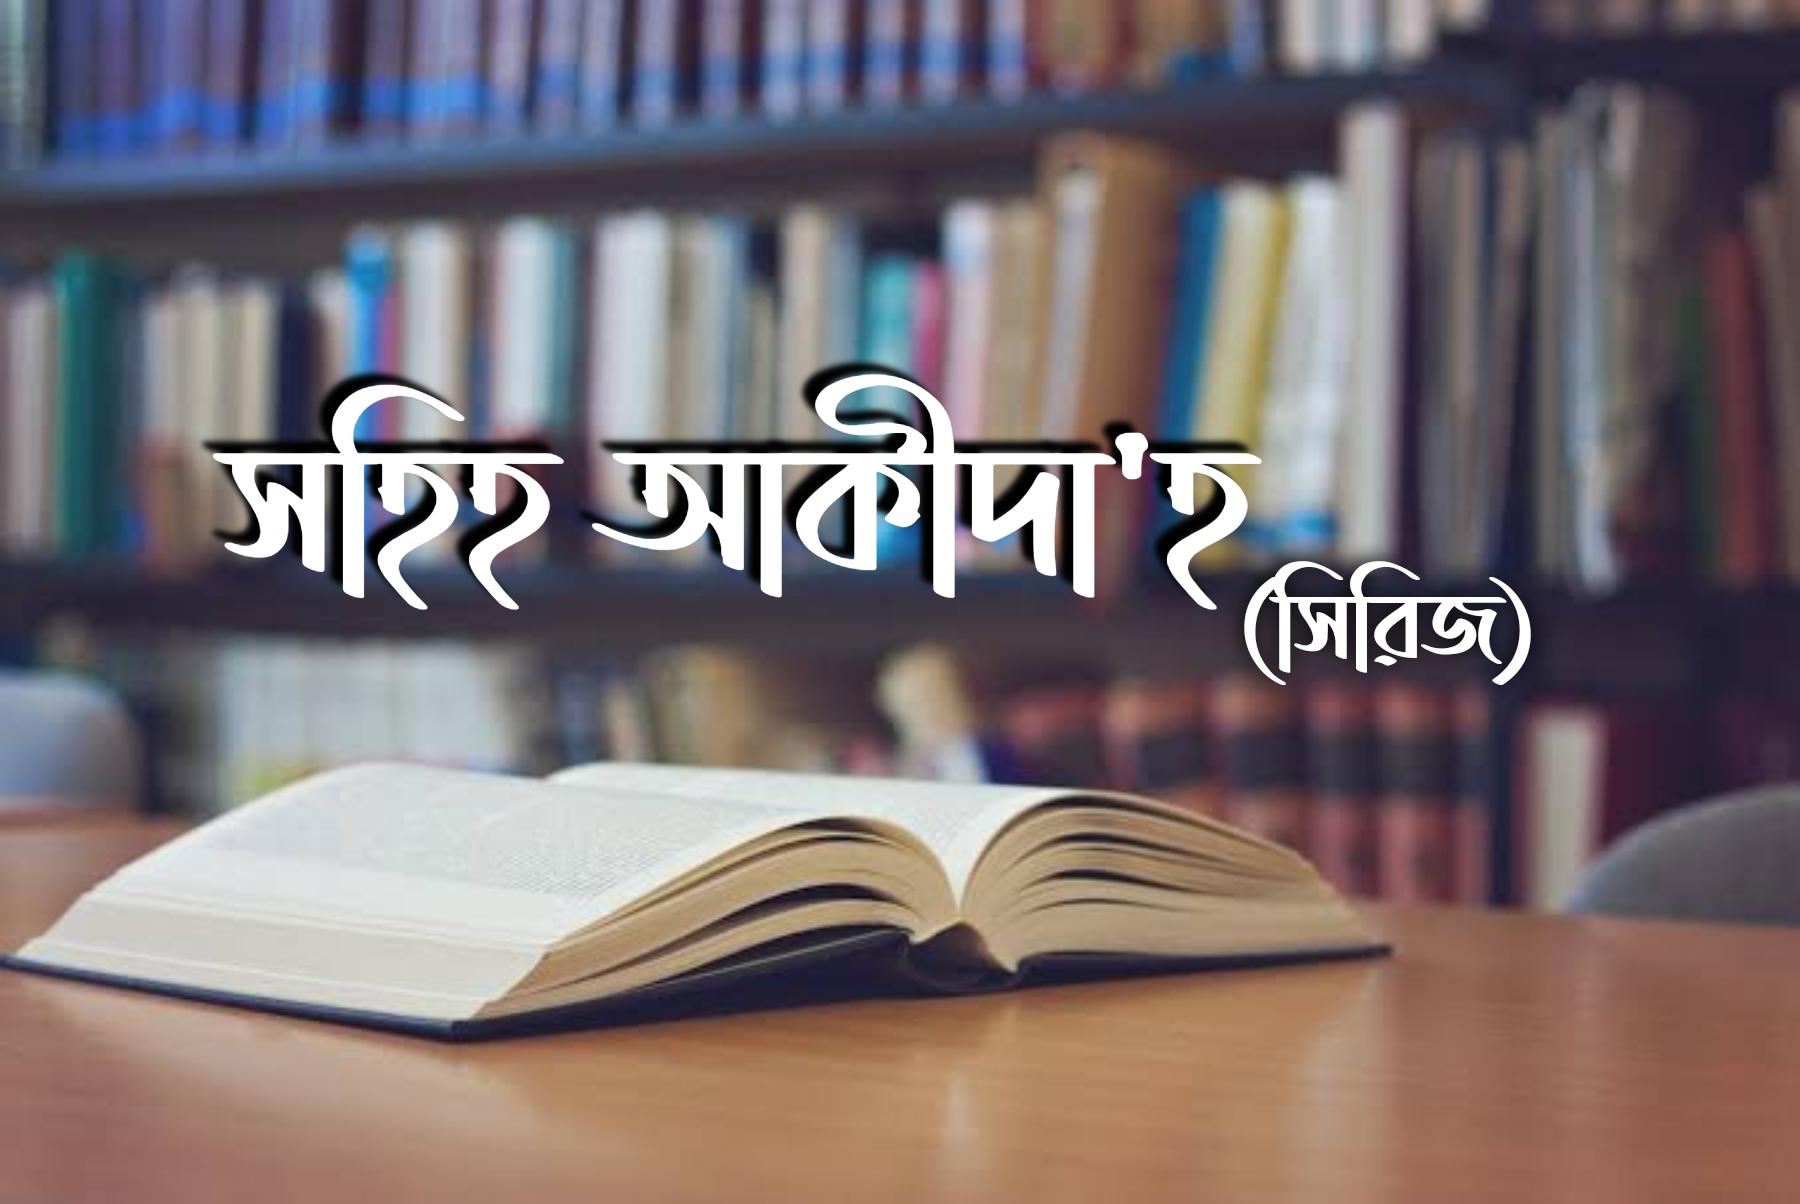 সহিহ আকীদা'হ সিরিজ : জান্নাতি দশ সাহাবী